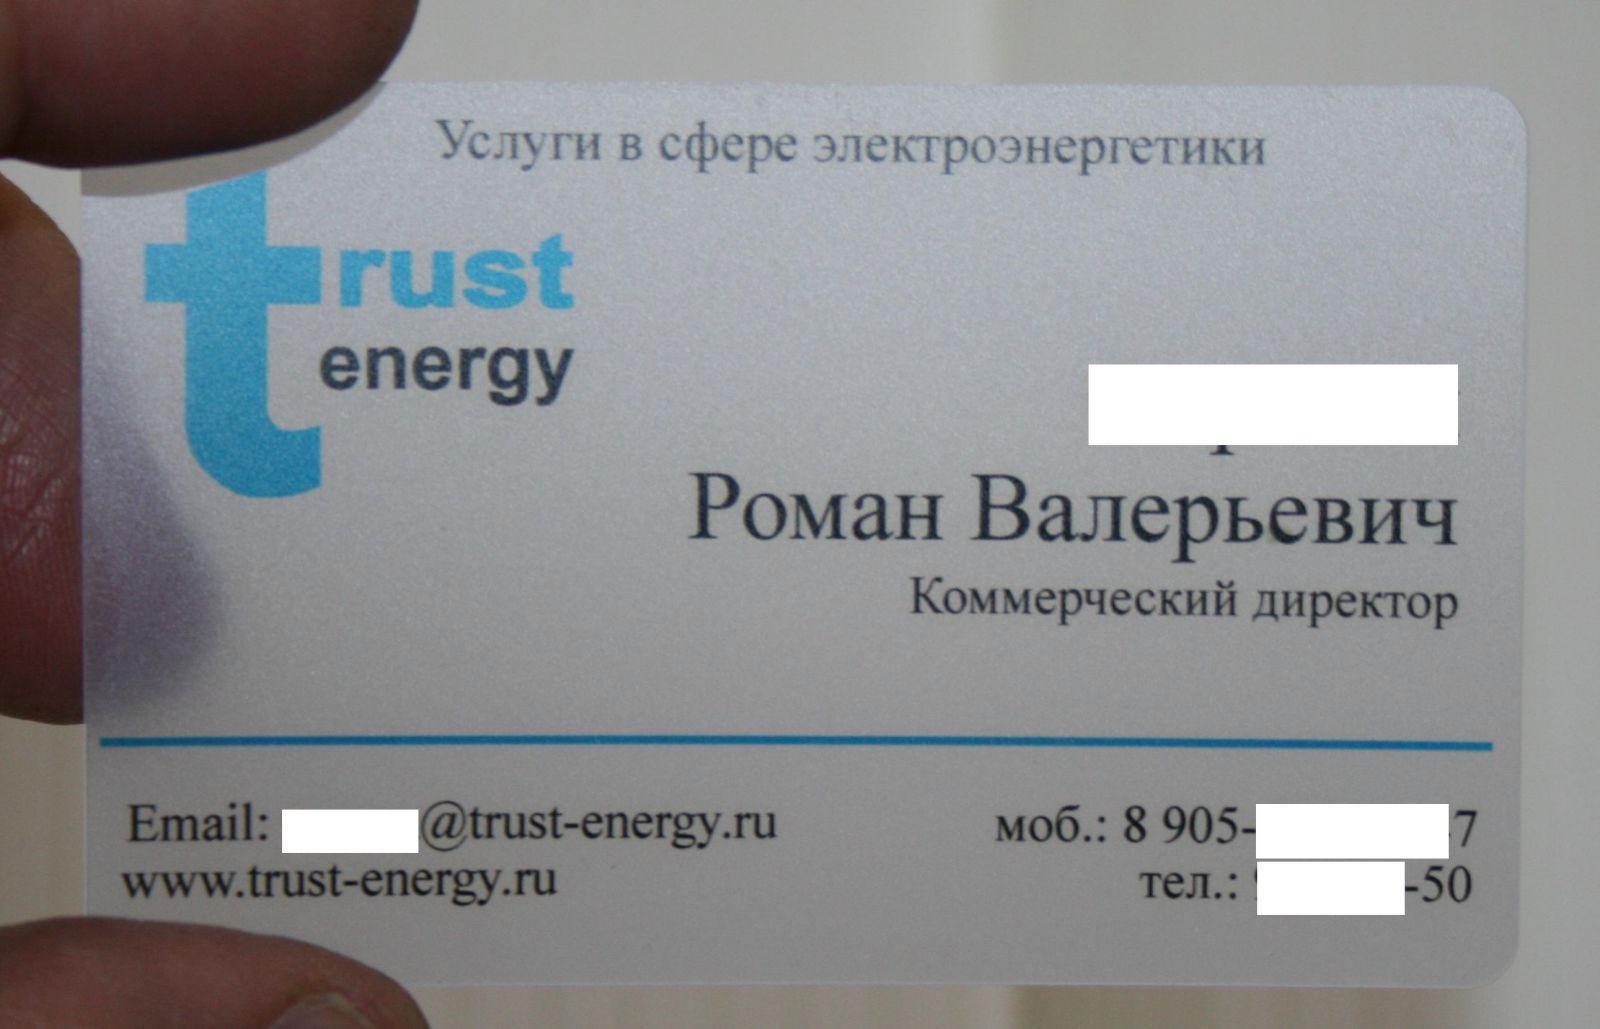 Как сделать прозрачная визитка